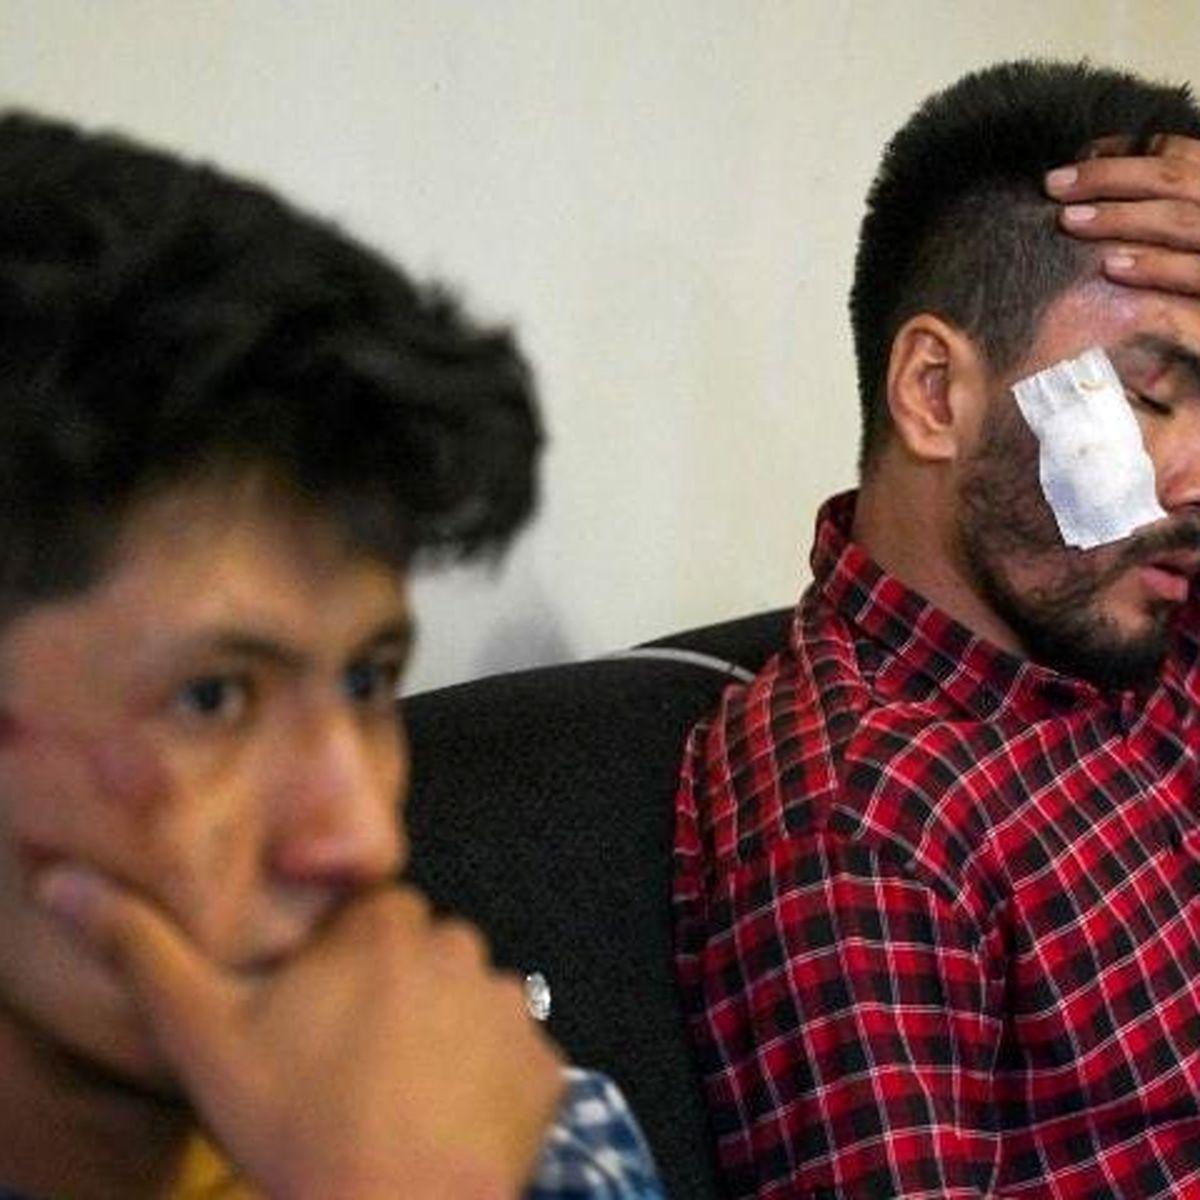 شکنجه شدید دو خبرنگار توسط طالبان